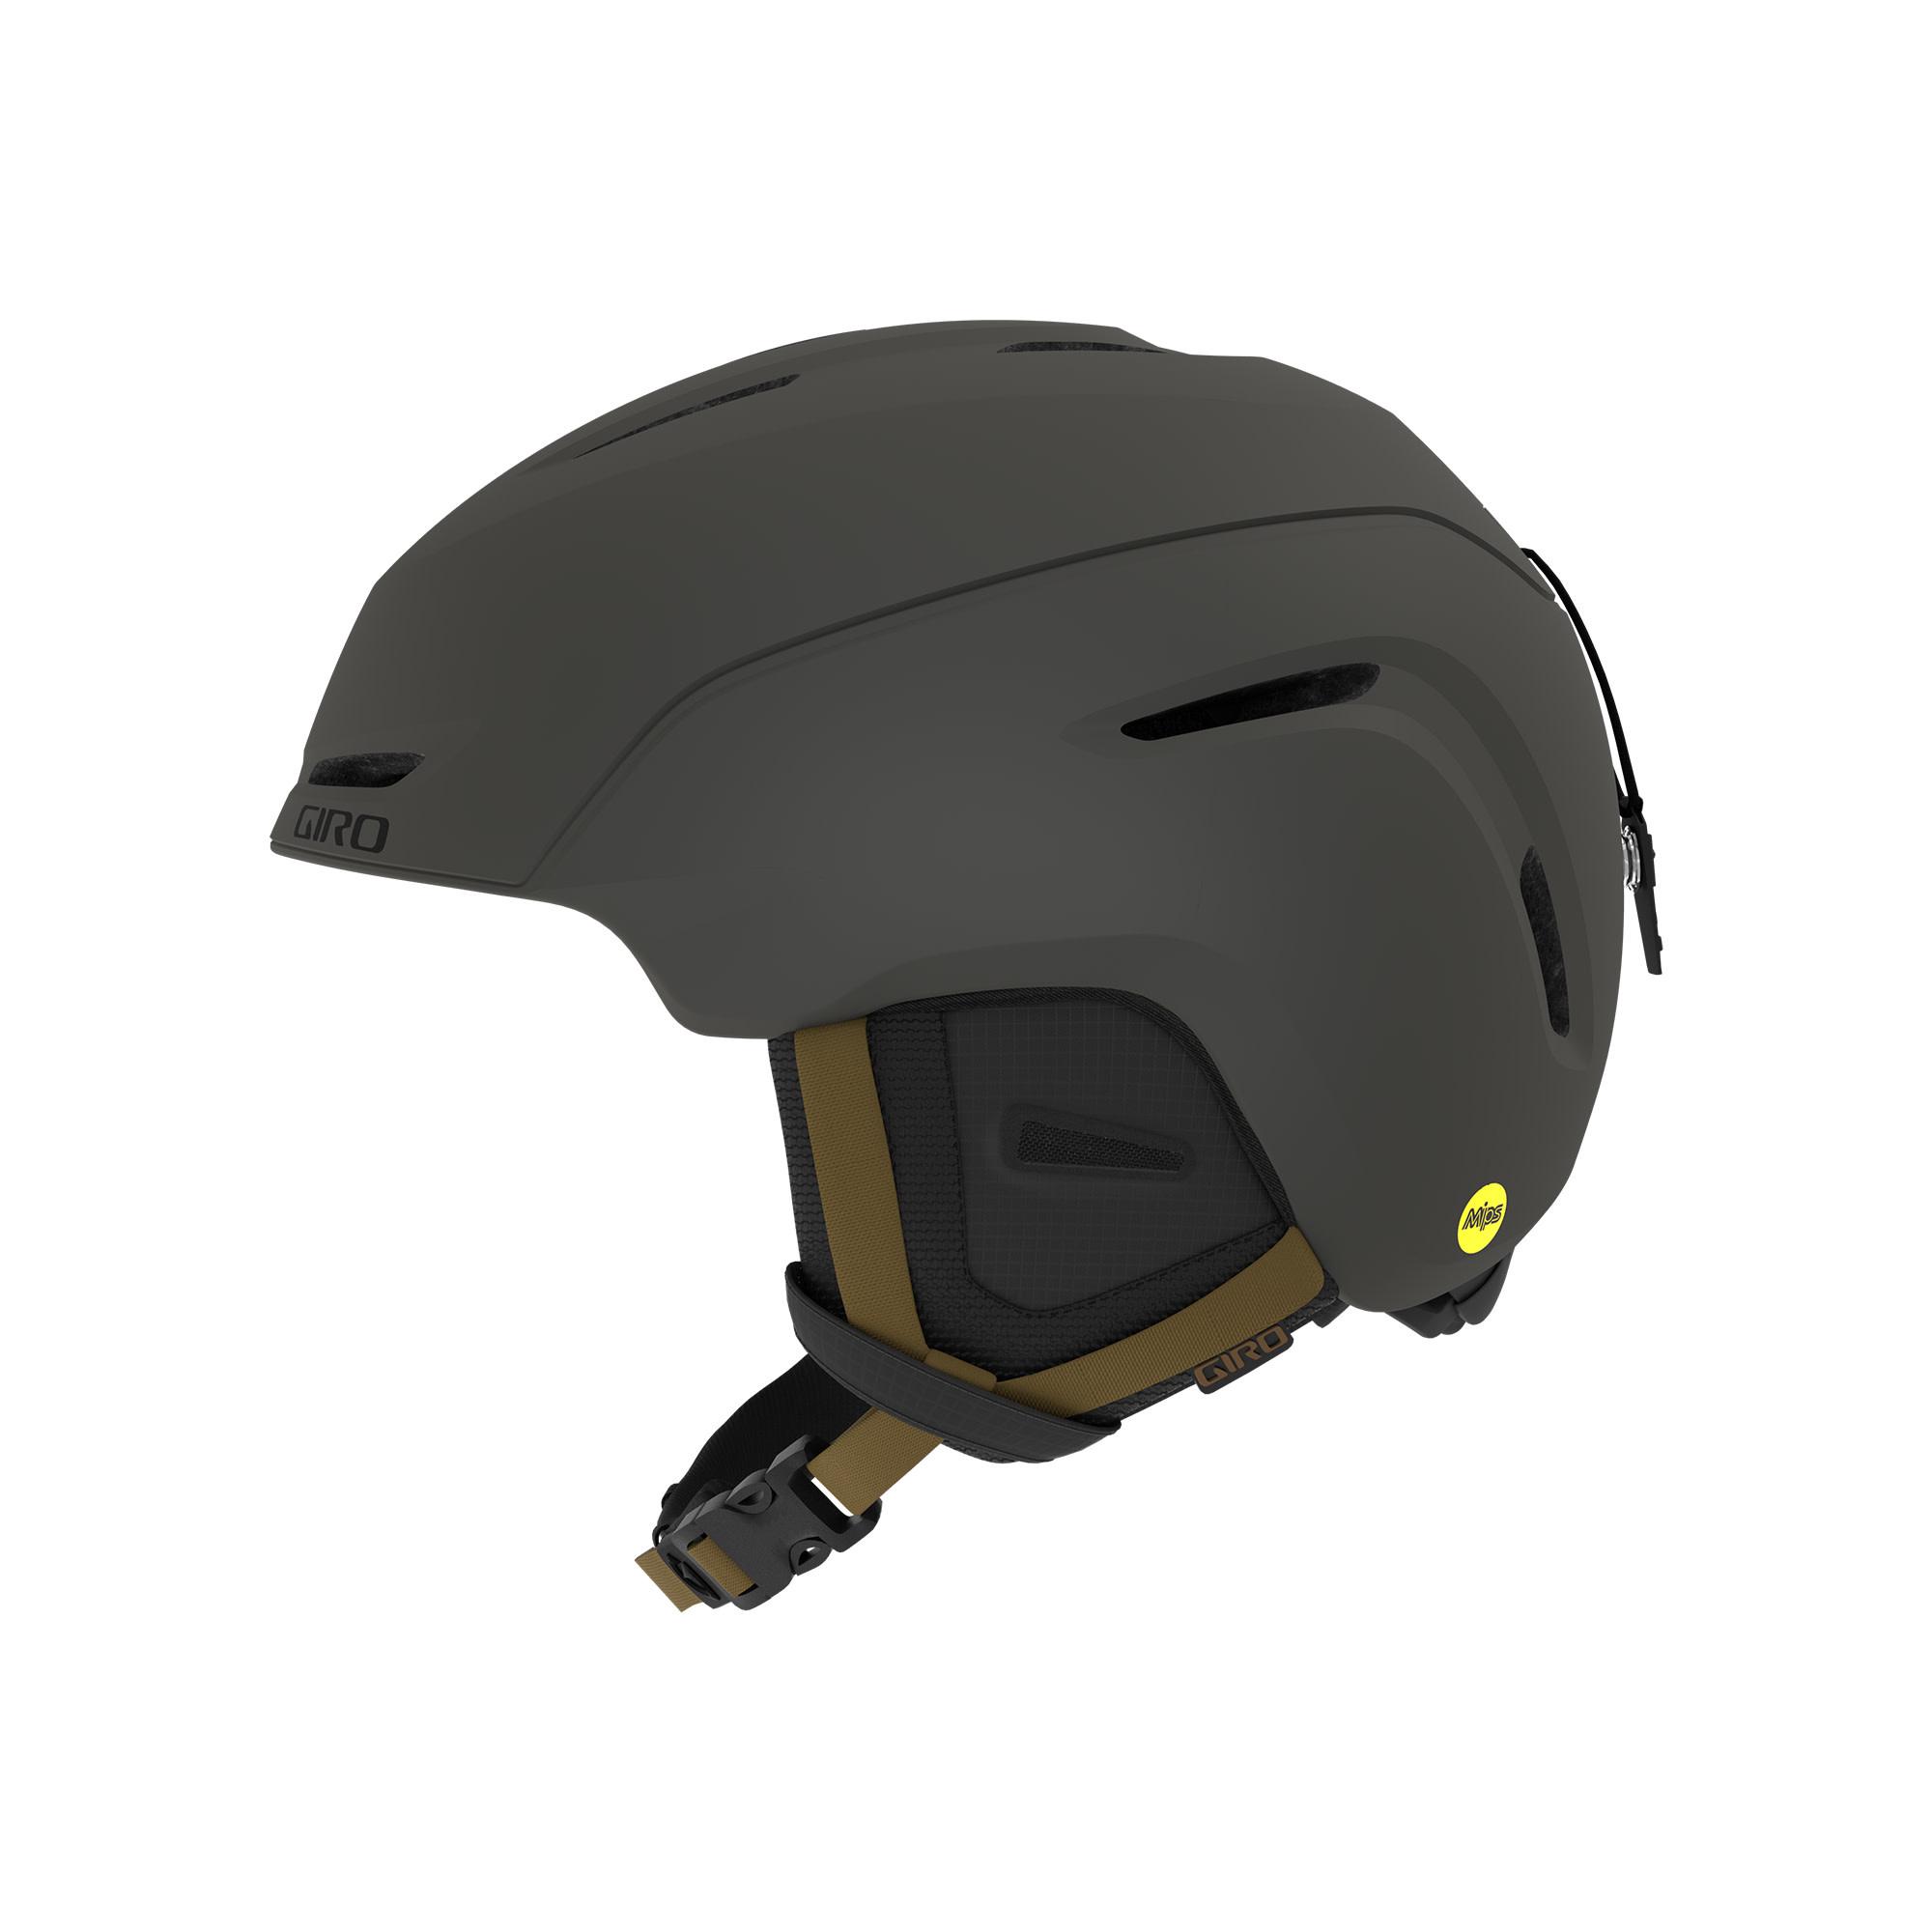 Giro Neo MIPS-5